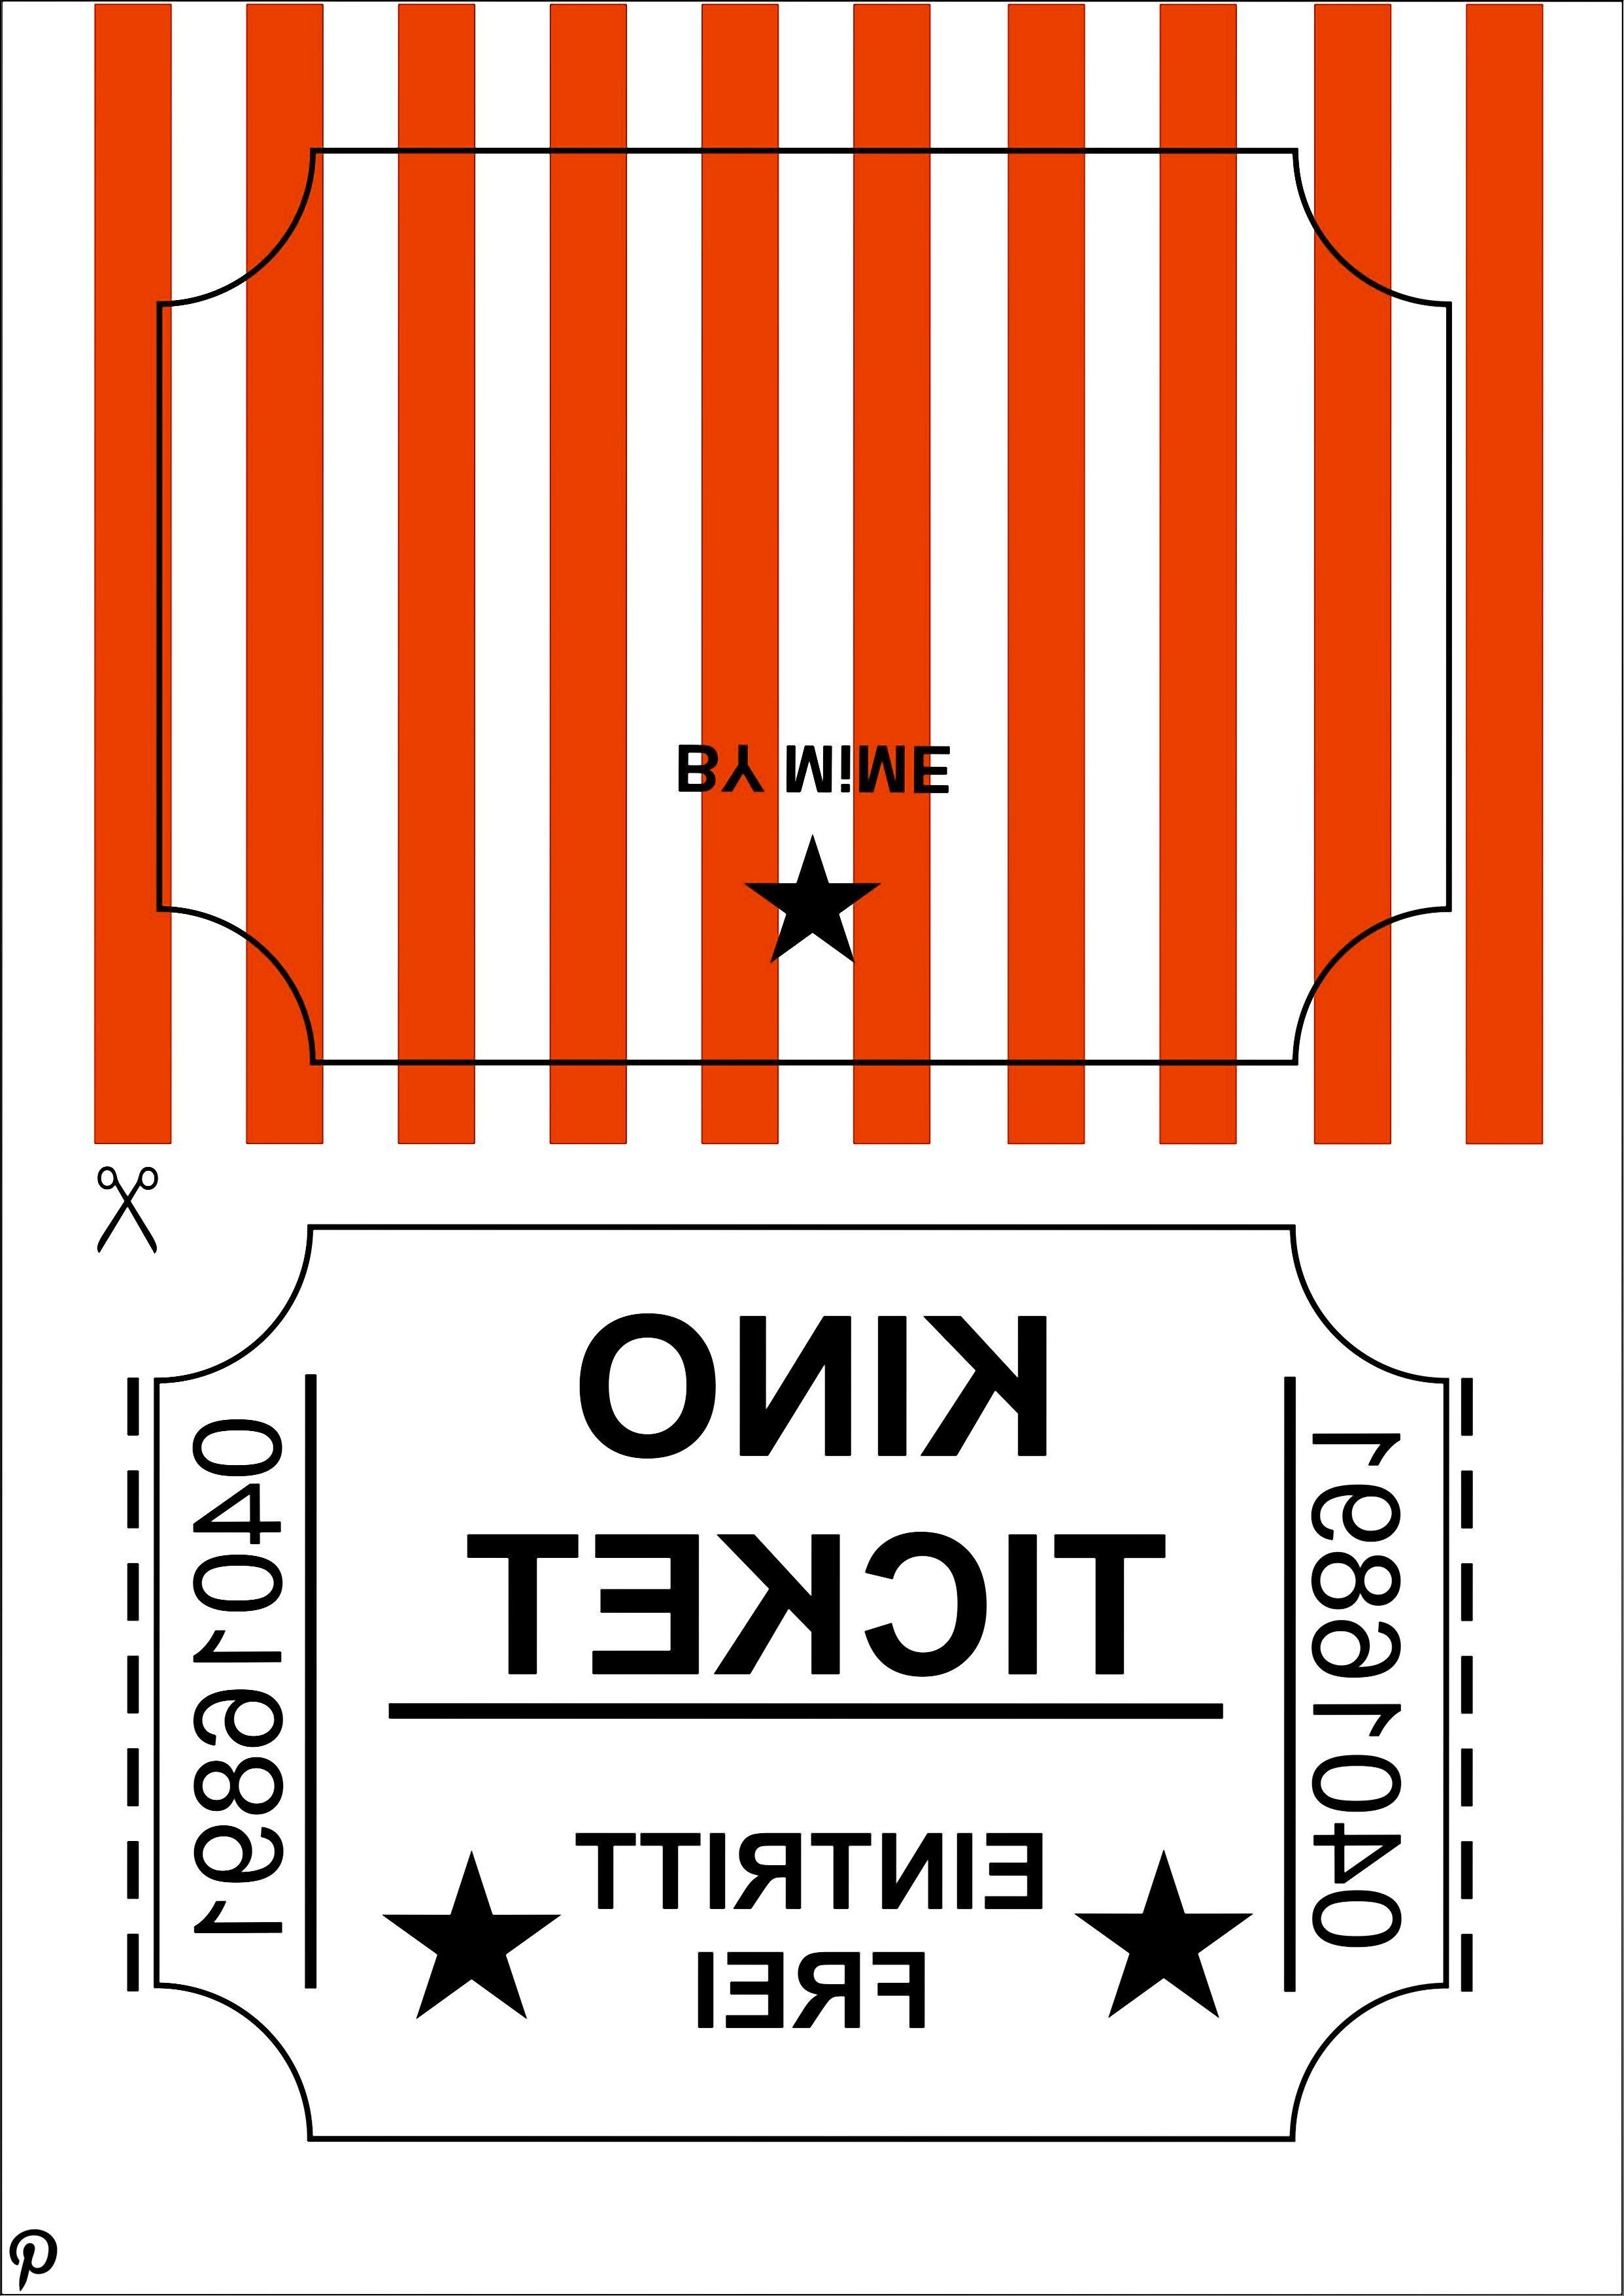 Kinogutschein selber basteln - Kostenloses Printable auf blog.hellomime.eu #kinogutscheinbasteln